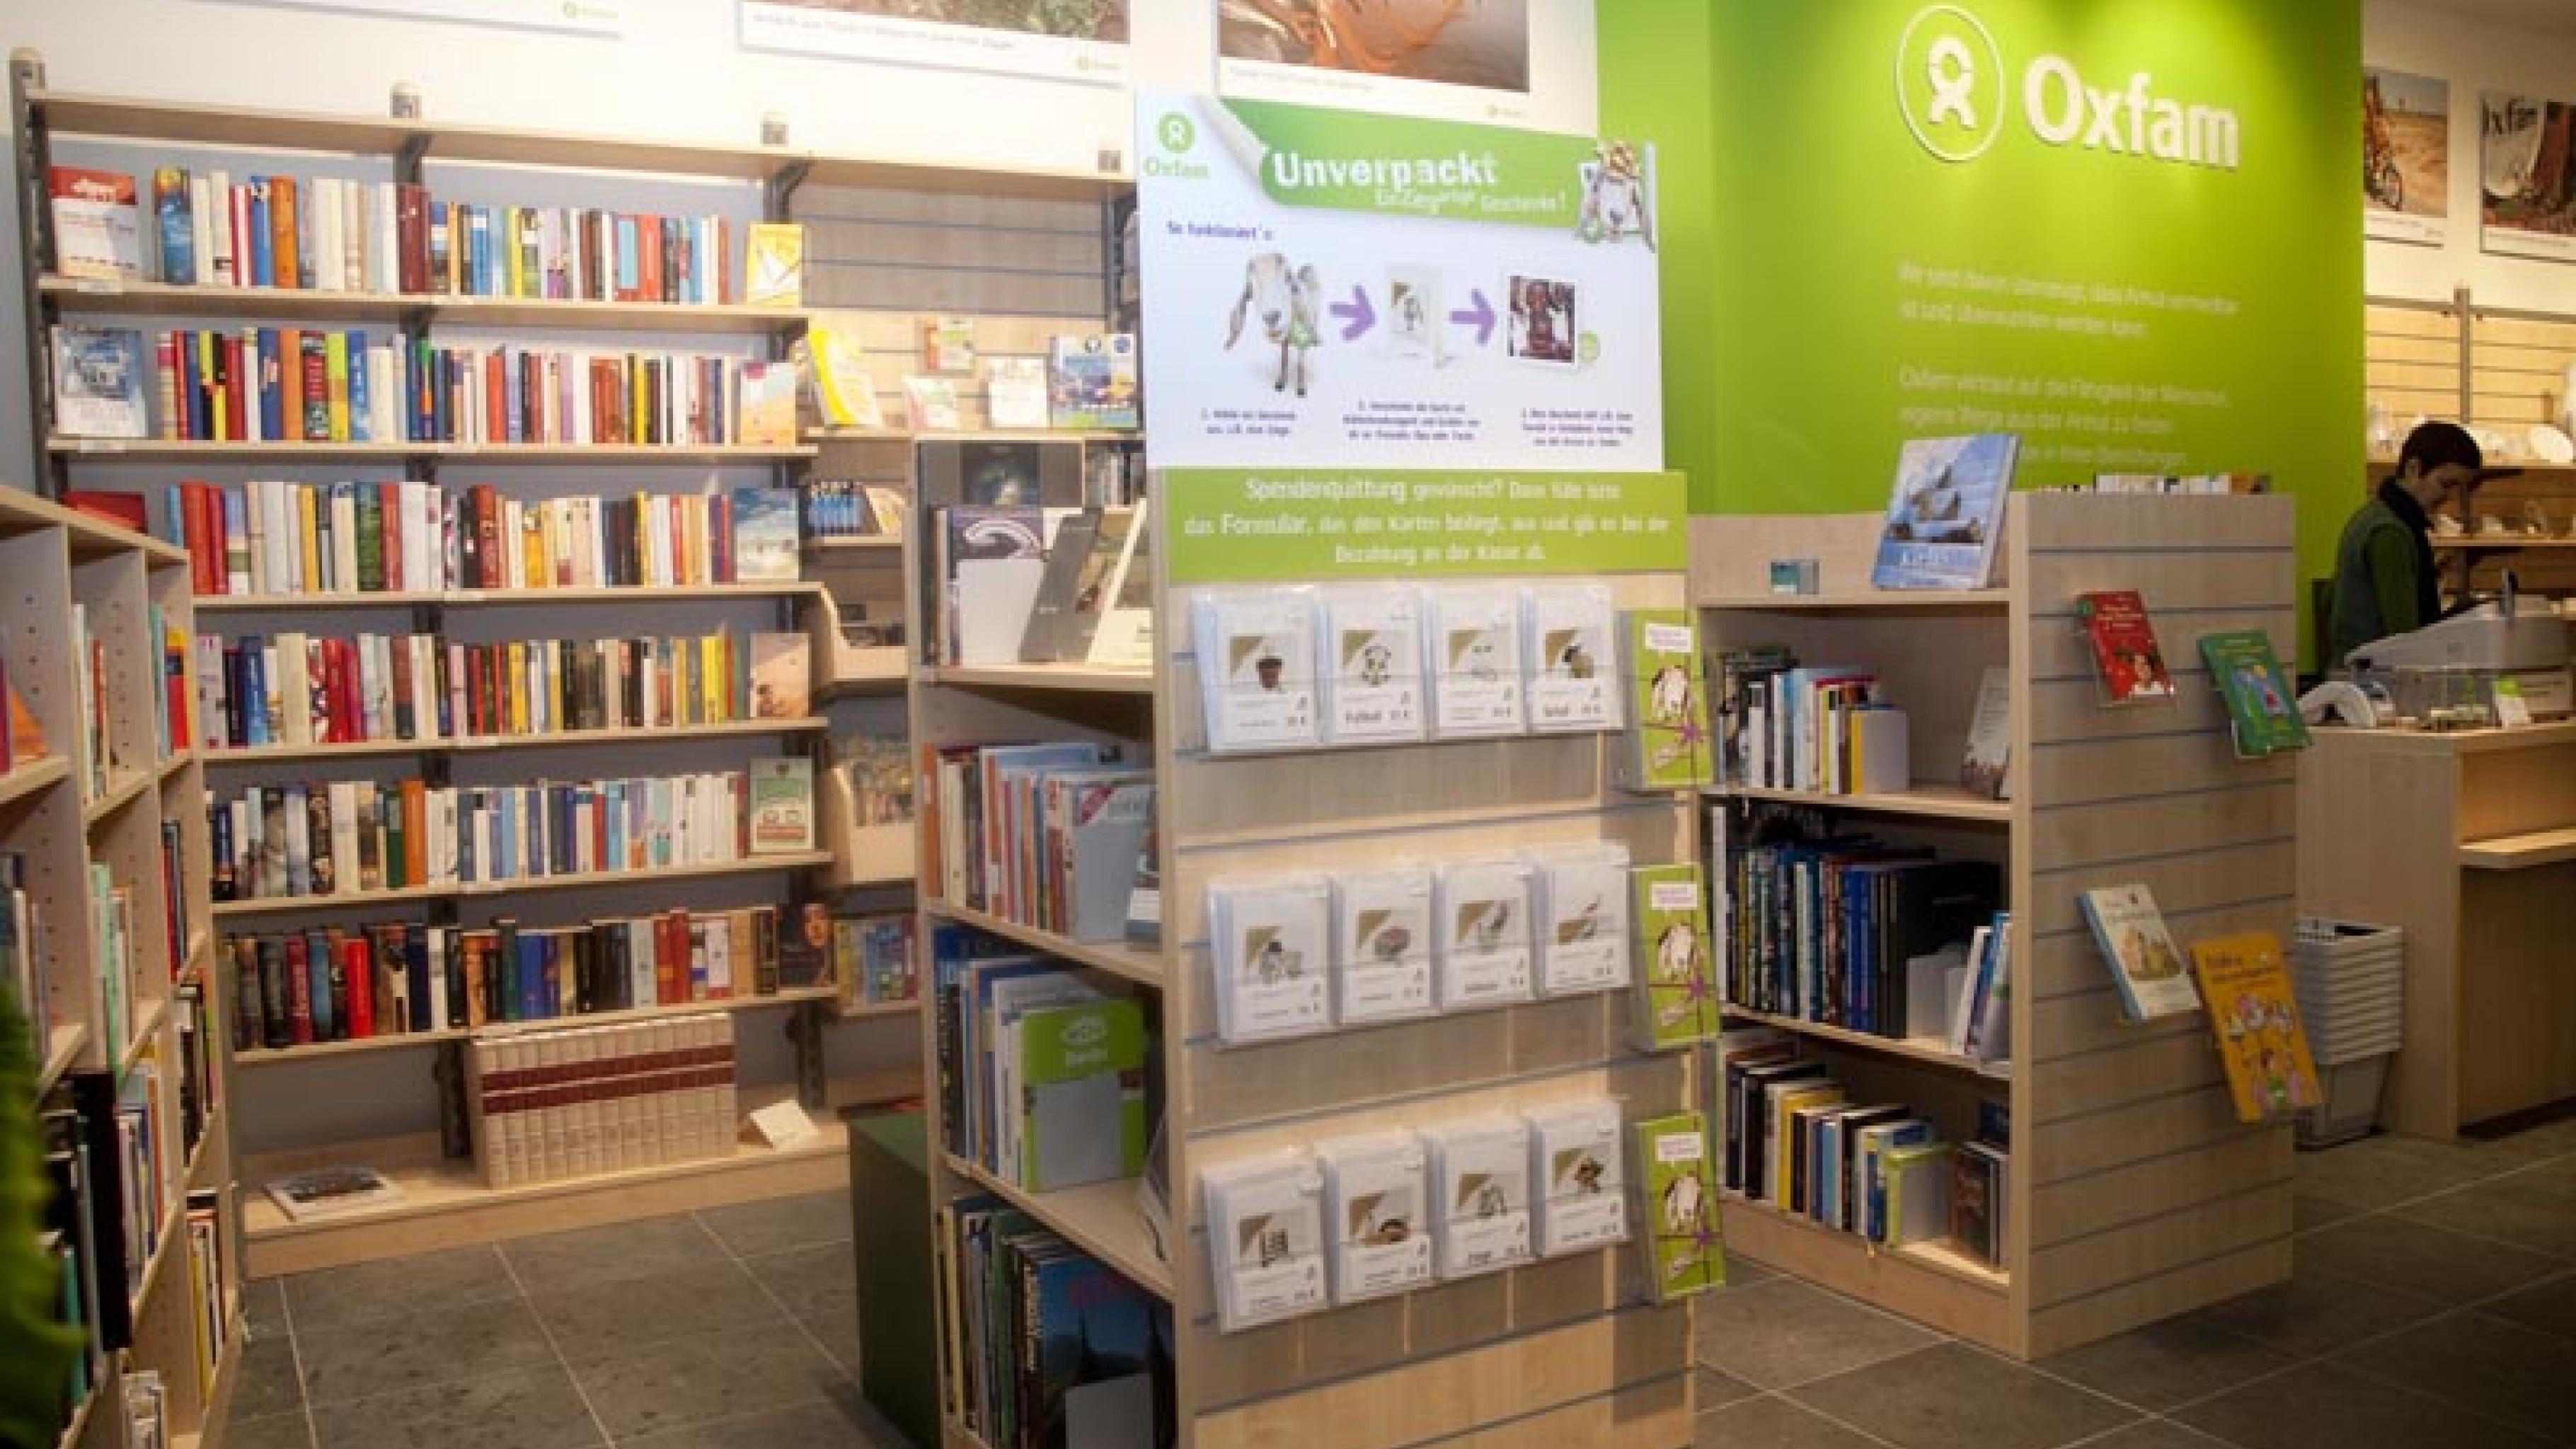 Secondhand Kaufen Spenden In Dortmund Oxfam Shop